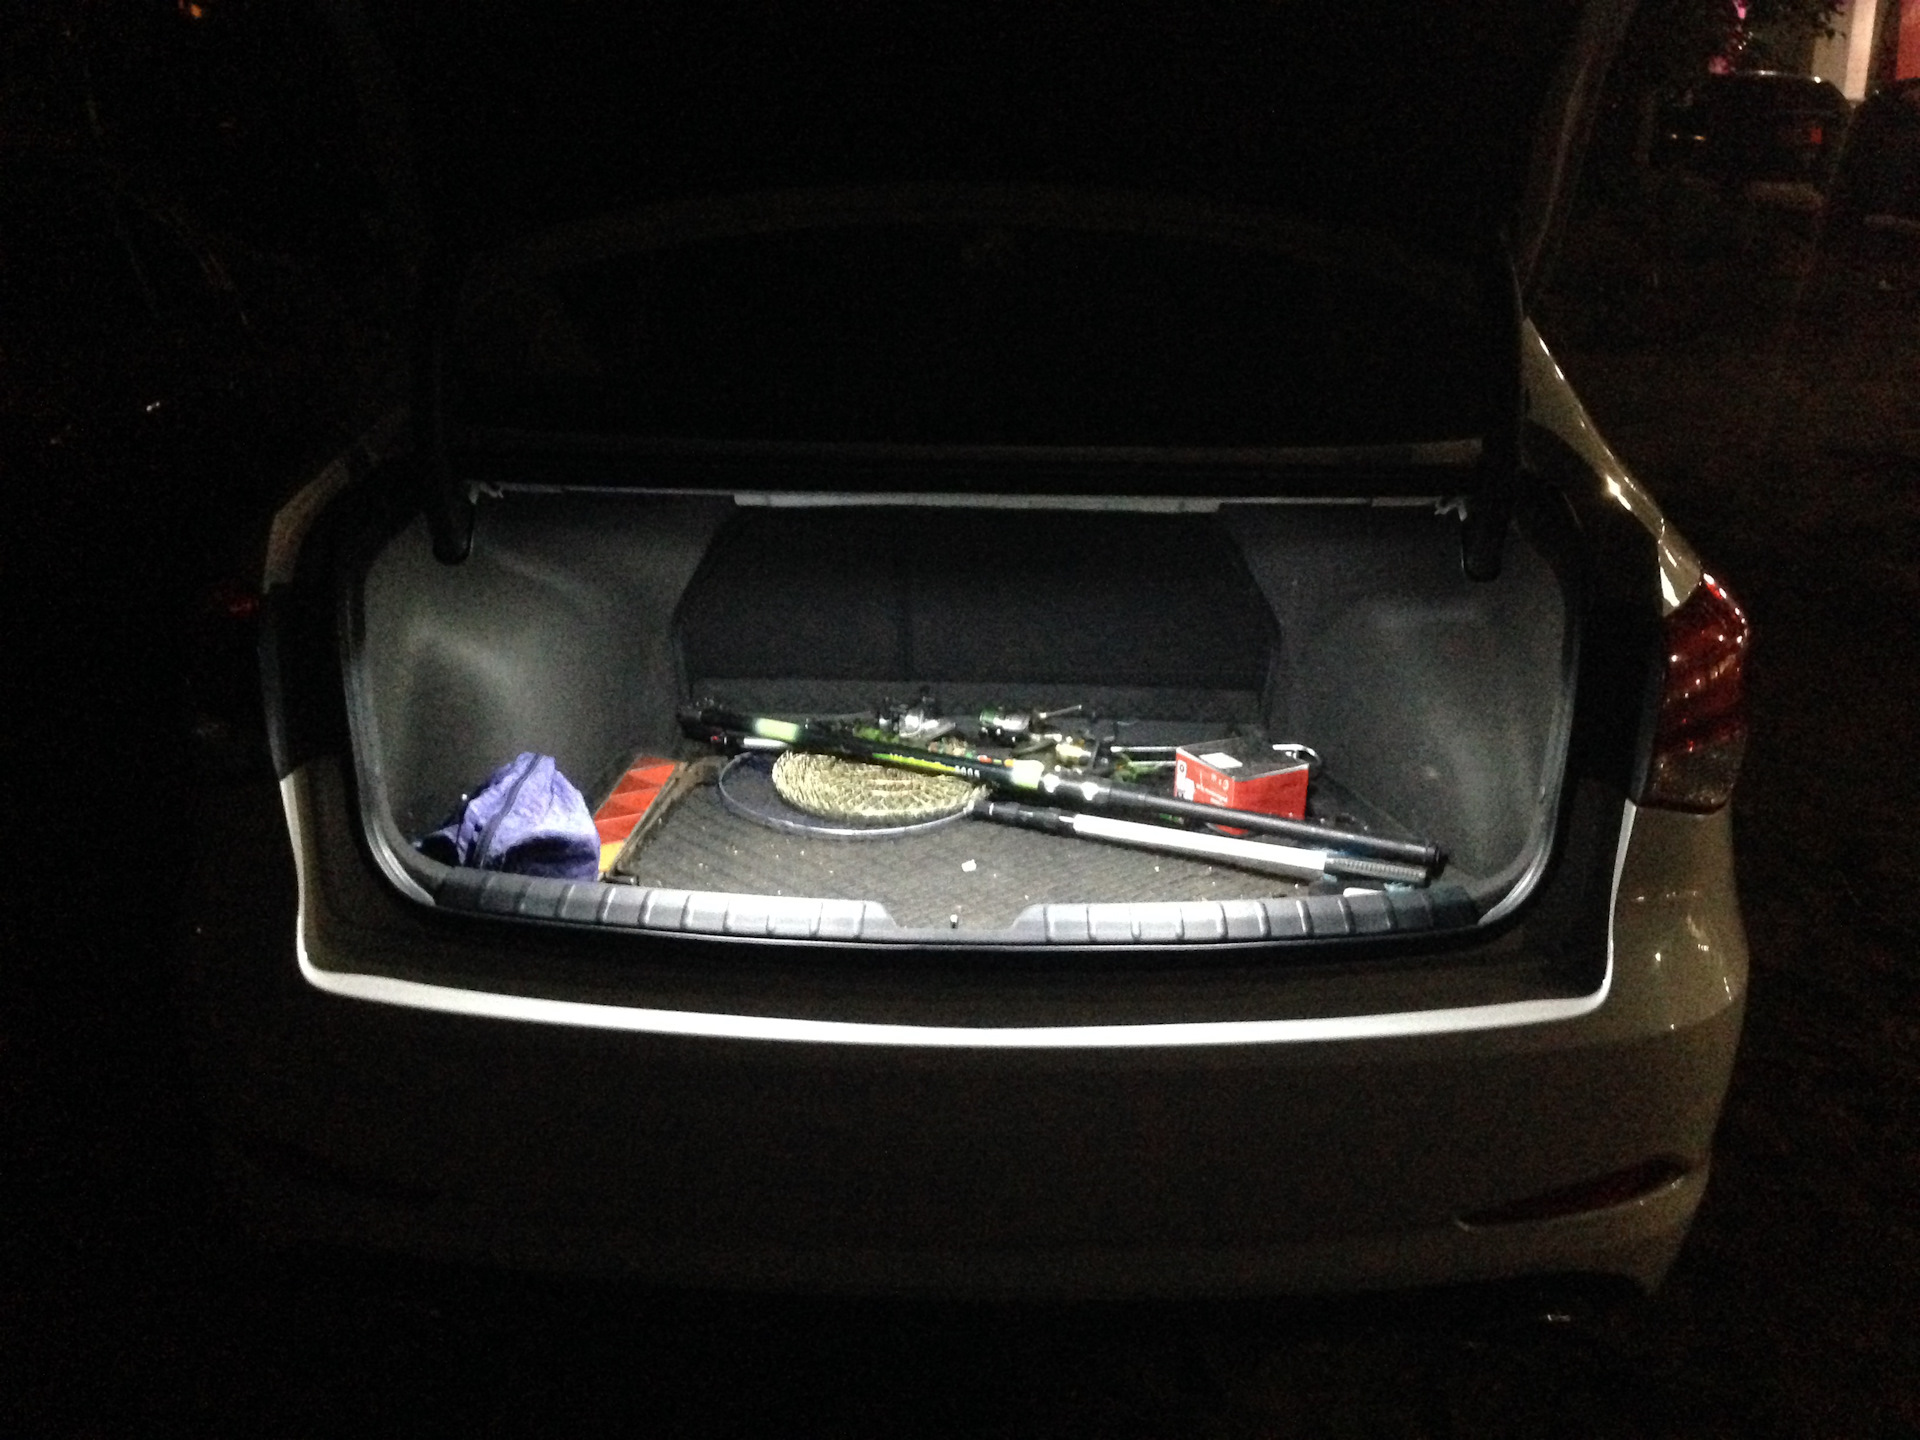 Установка дневных ходовых огней хендай i40 Покраска двери бмв f10